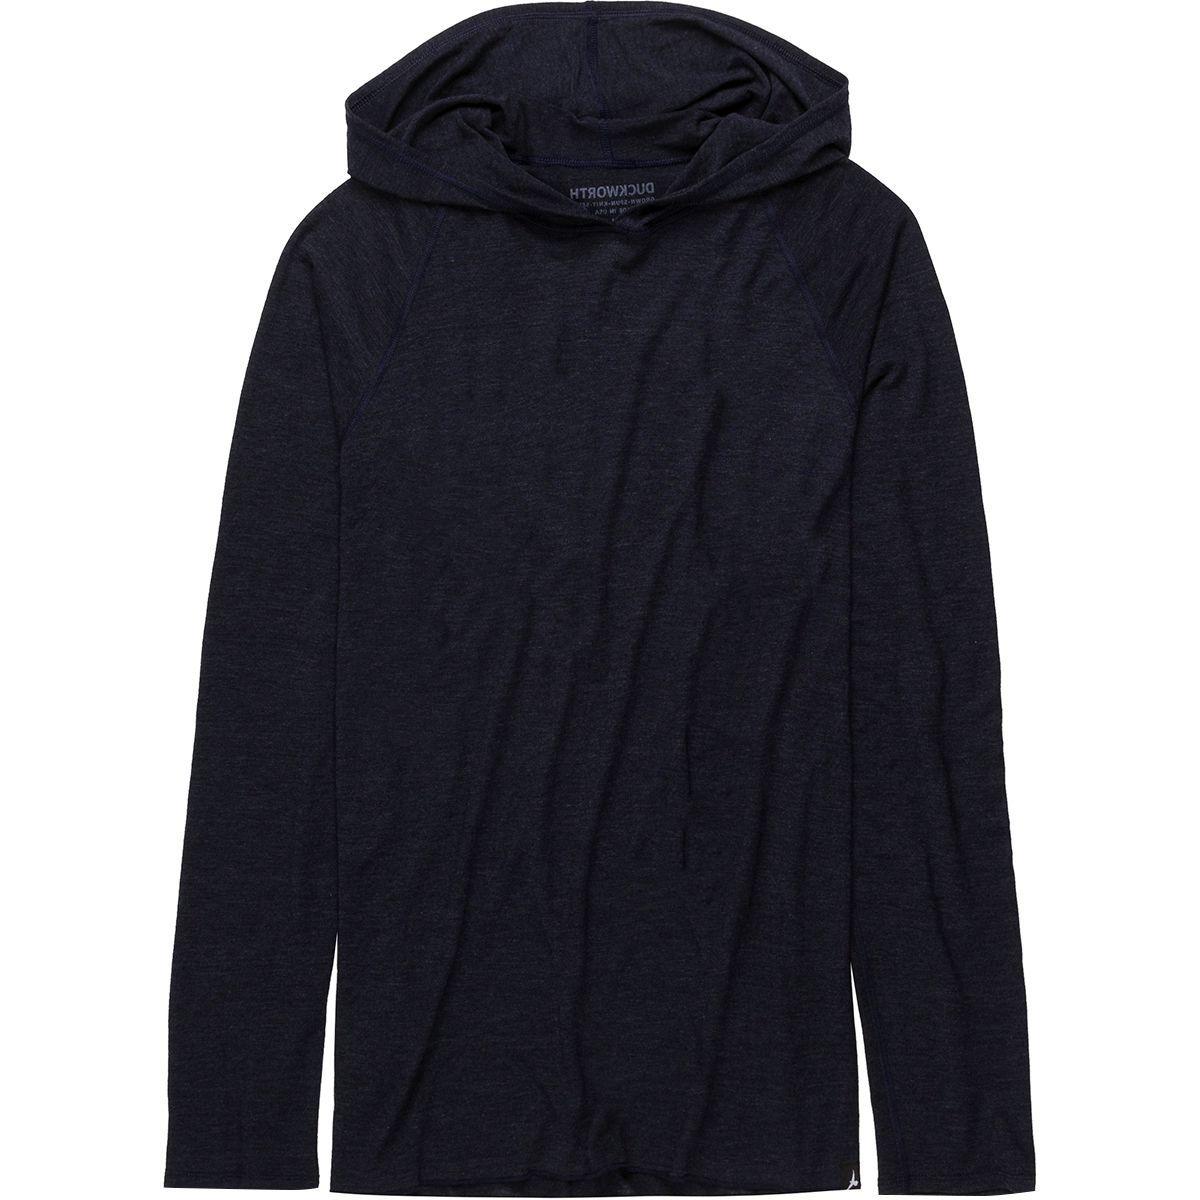 Duckworth Vapor Wool Pullover Hoodie - Men's